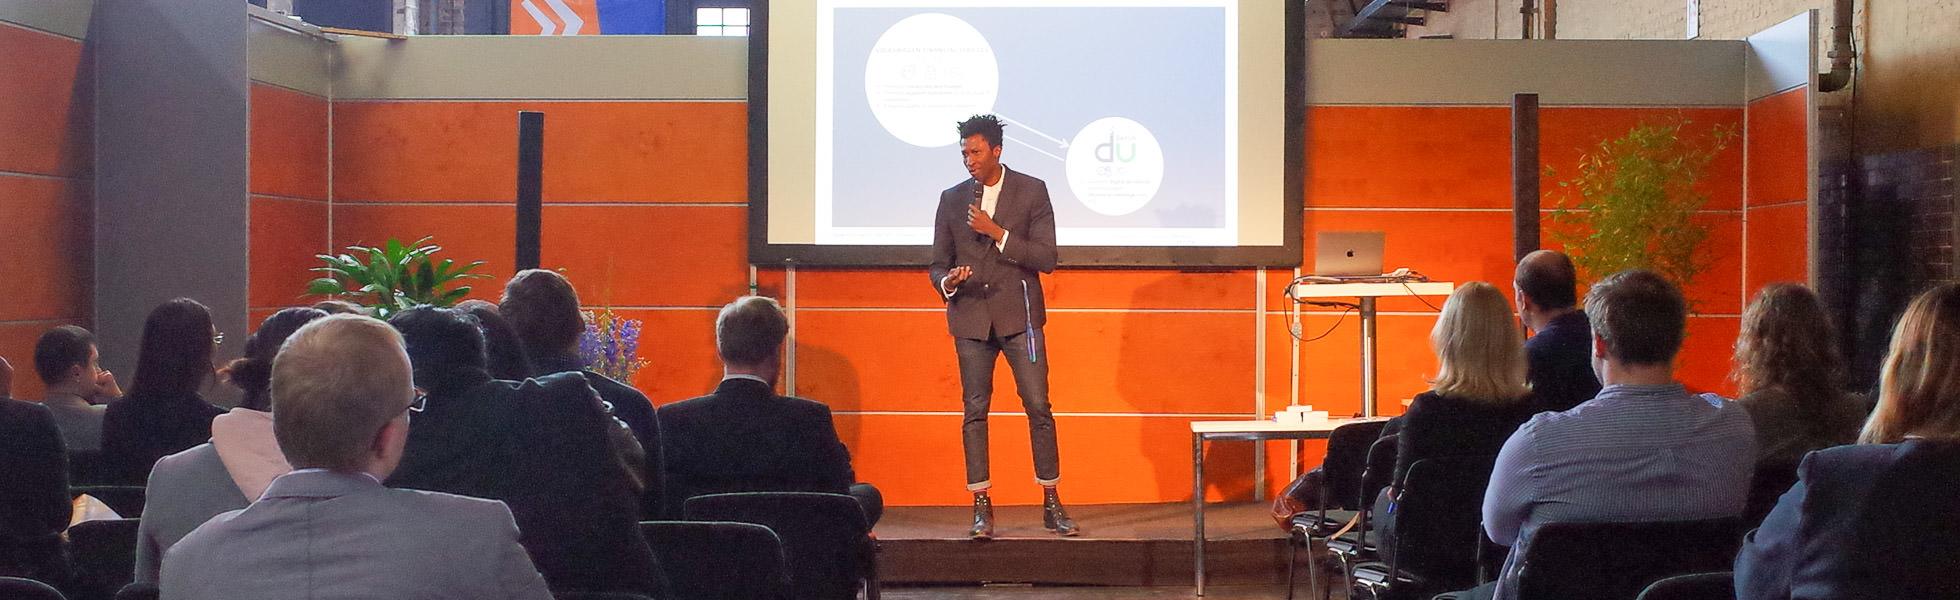 Firmenpräsentation eines jungen Unternehmens zur Connecticum